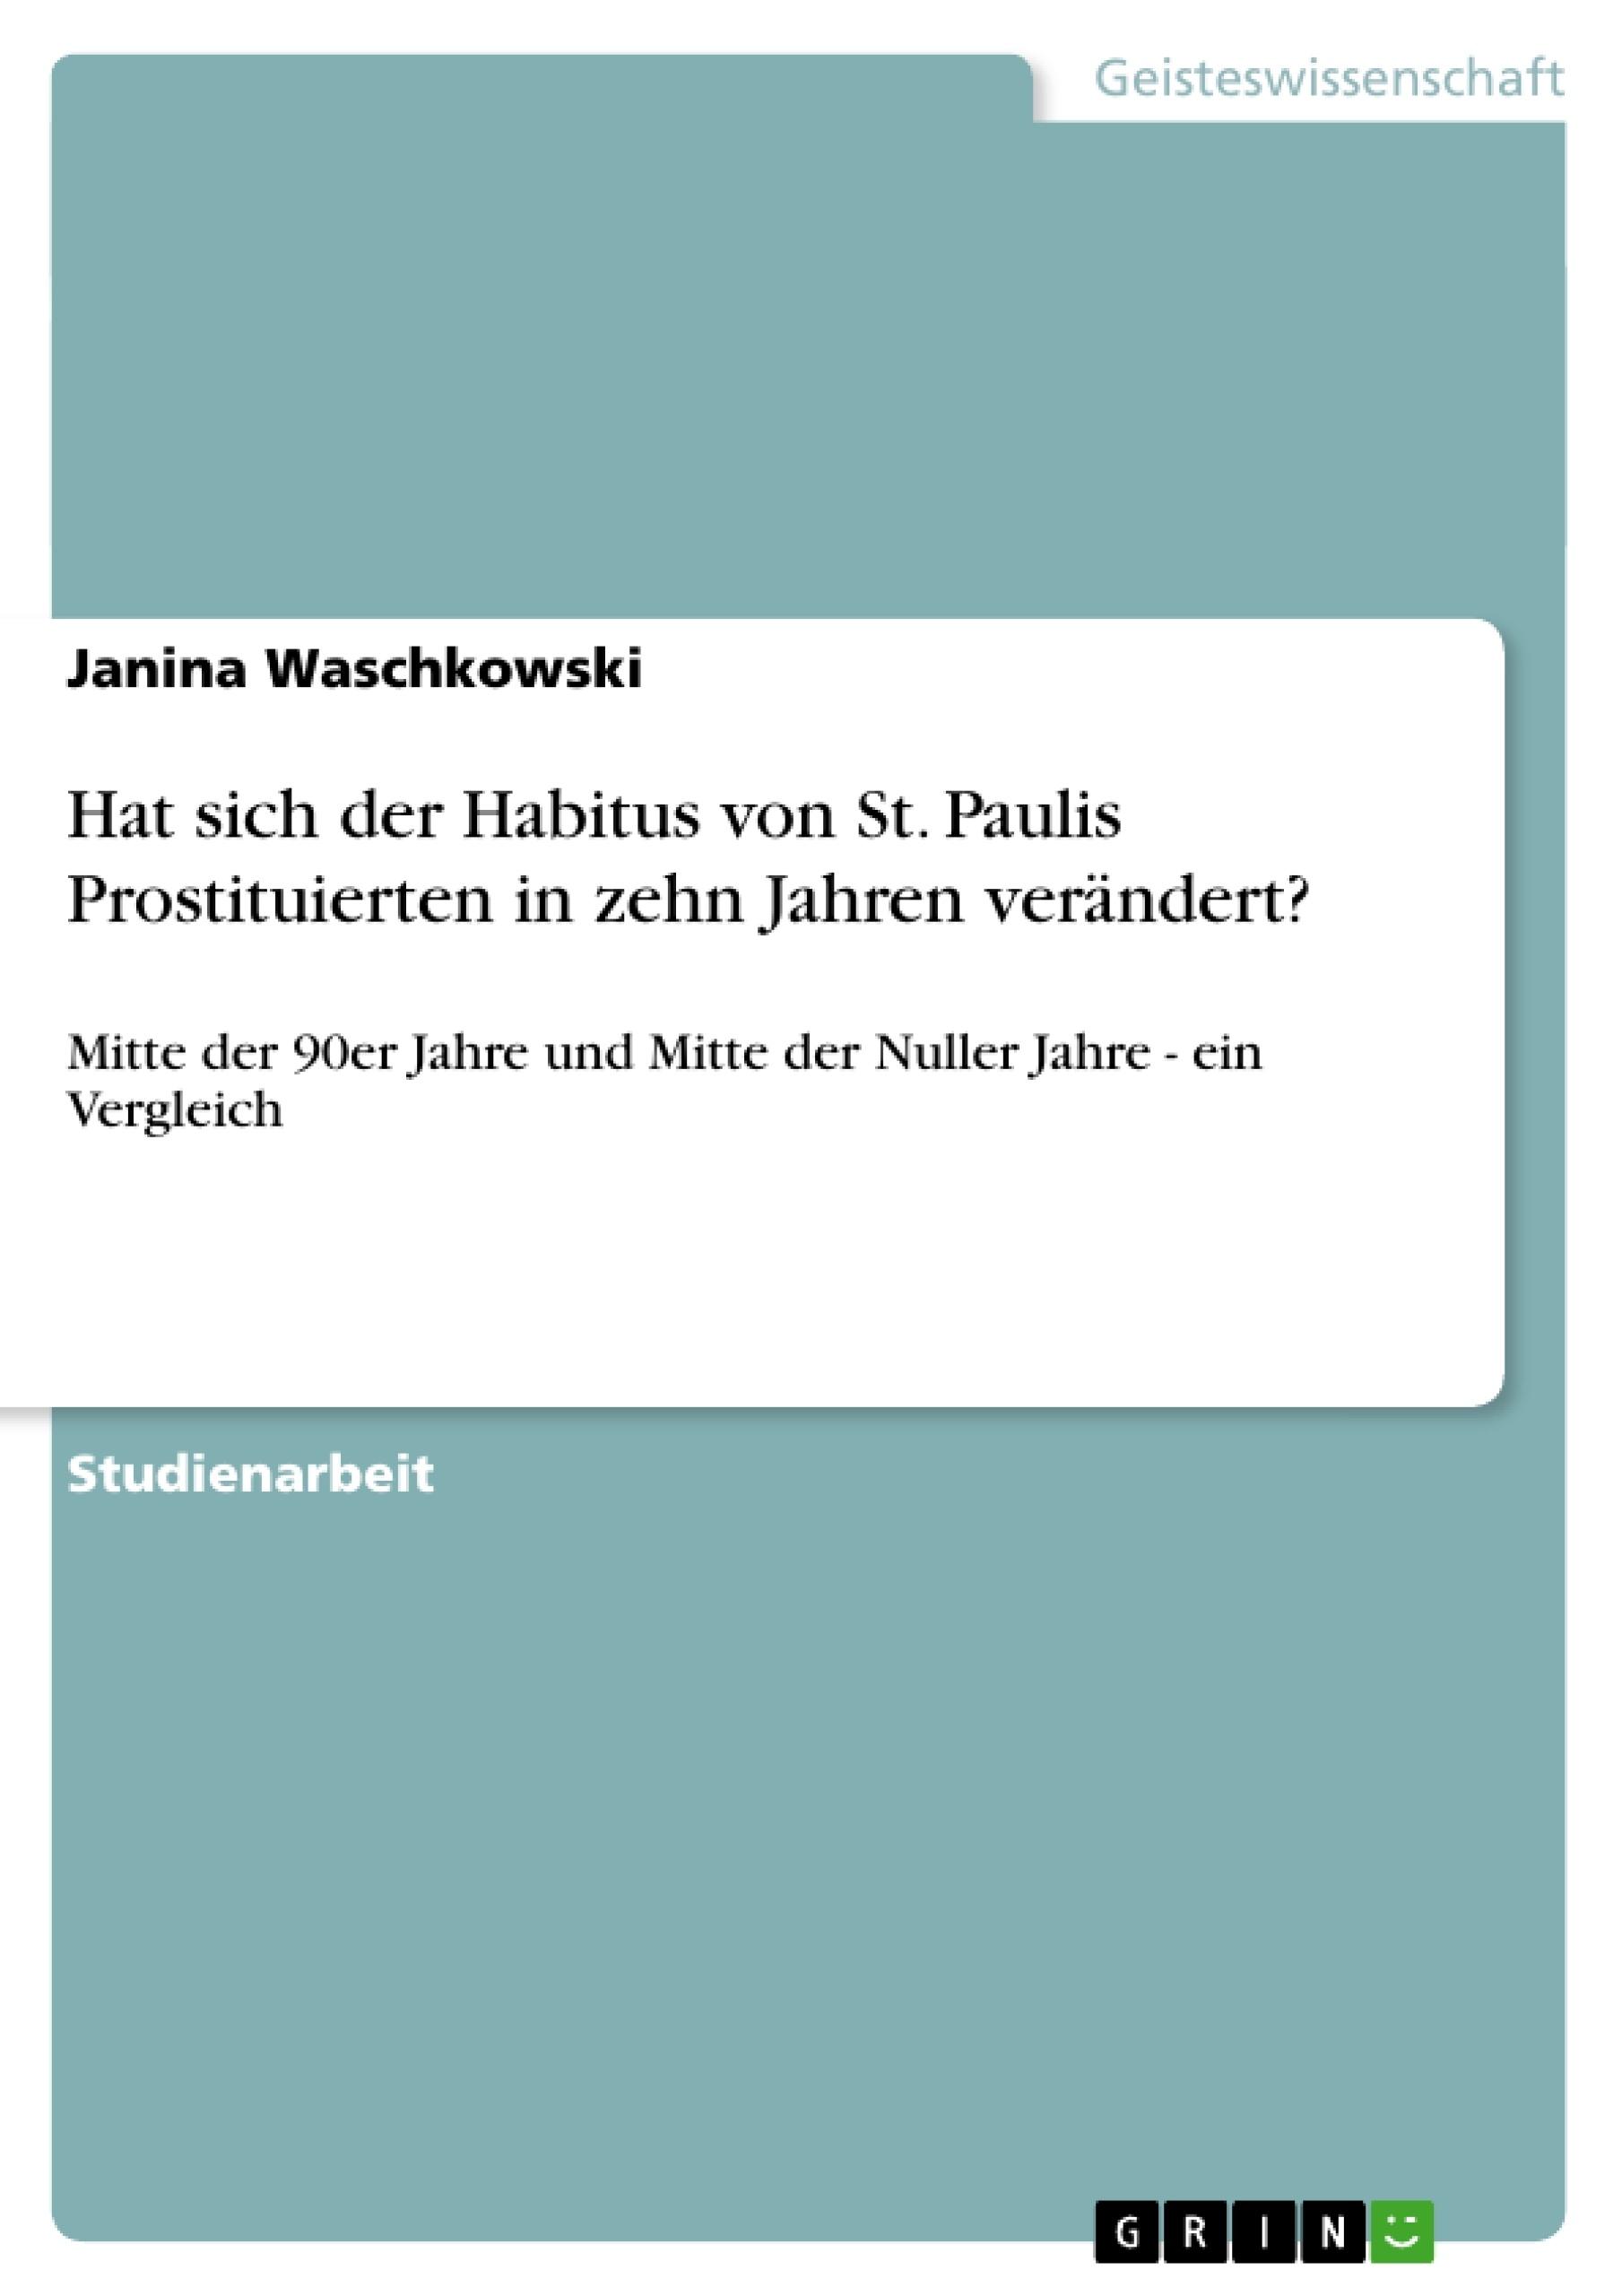 Titel: Hat sich der Habitus von St. Paulis Prostituierten in zehn Jahren verändert?